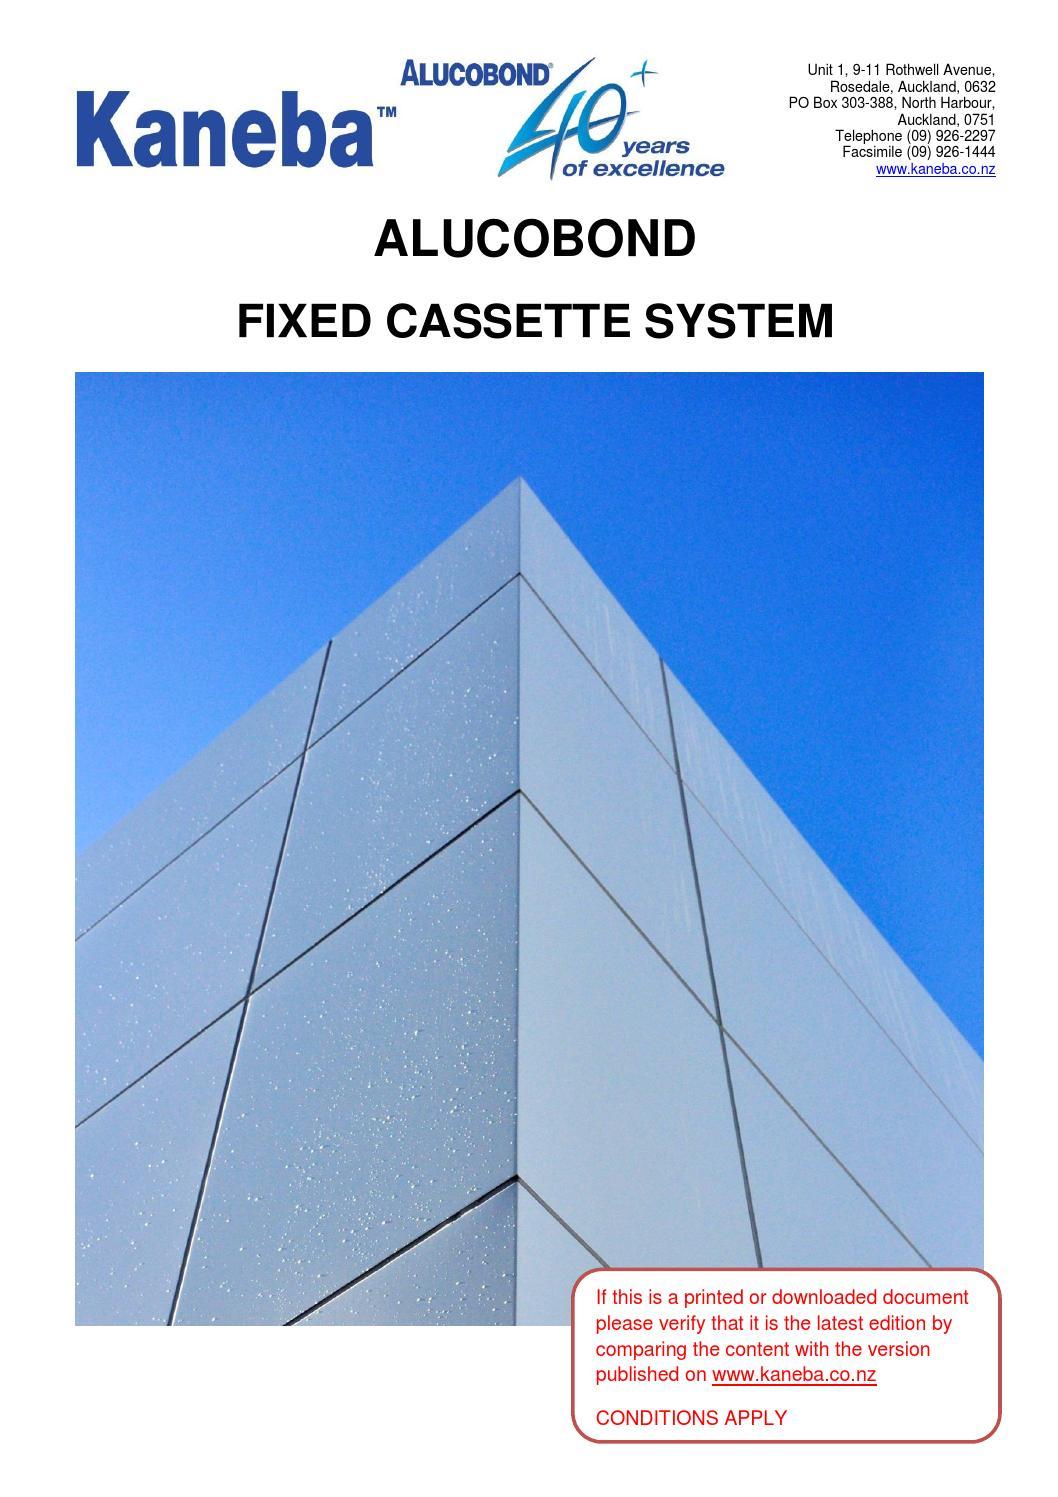 Dsm100 Alucobondfixedcassettesystemweb By Kaneba Issuu